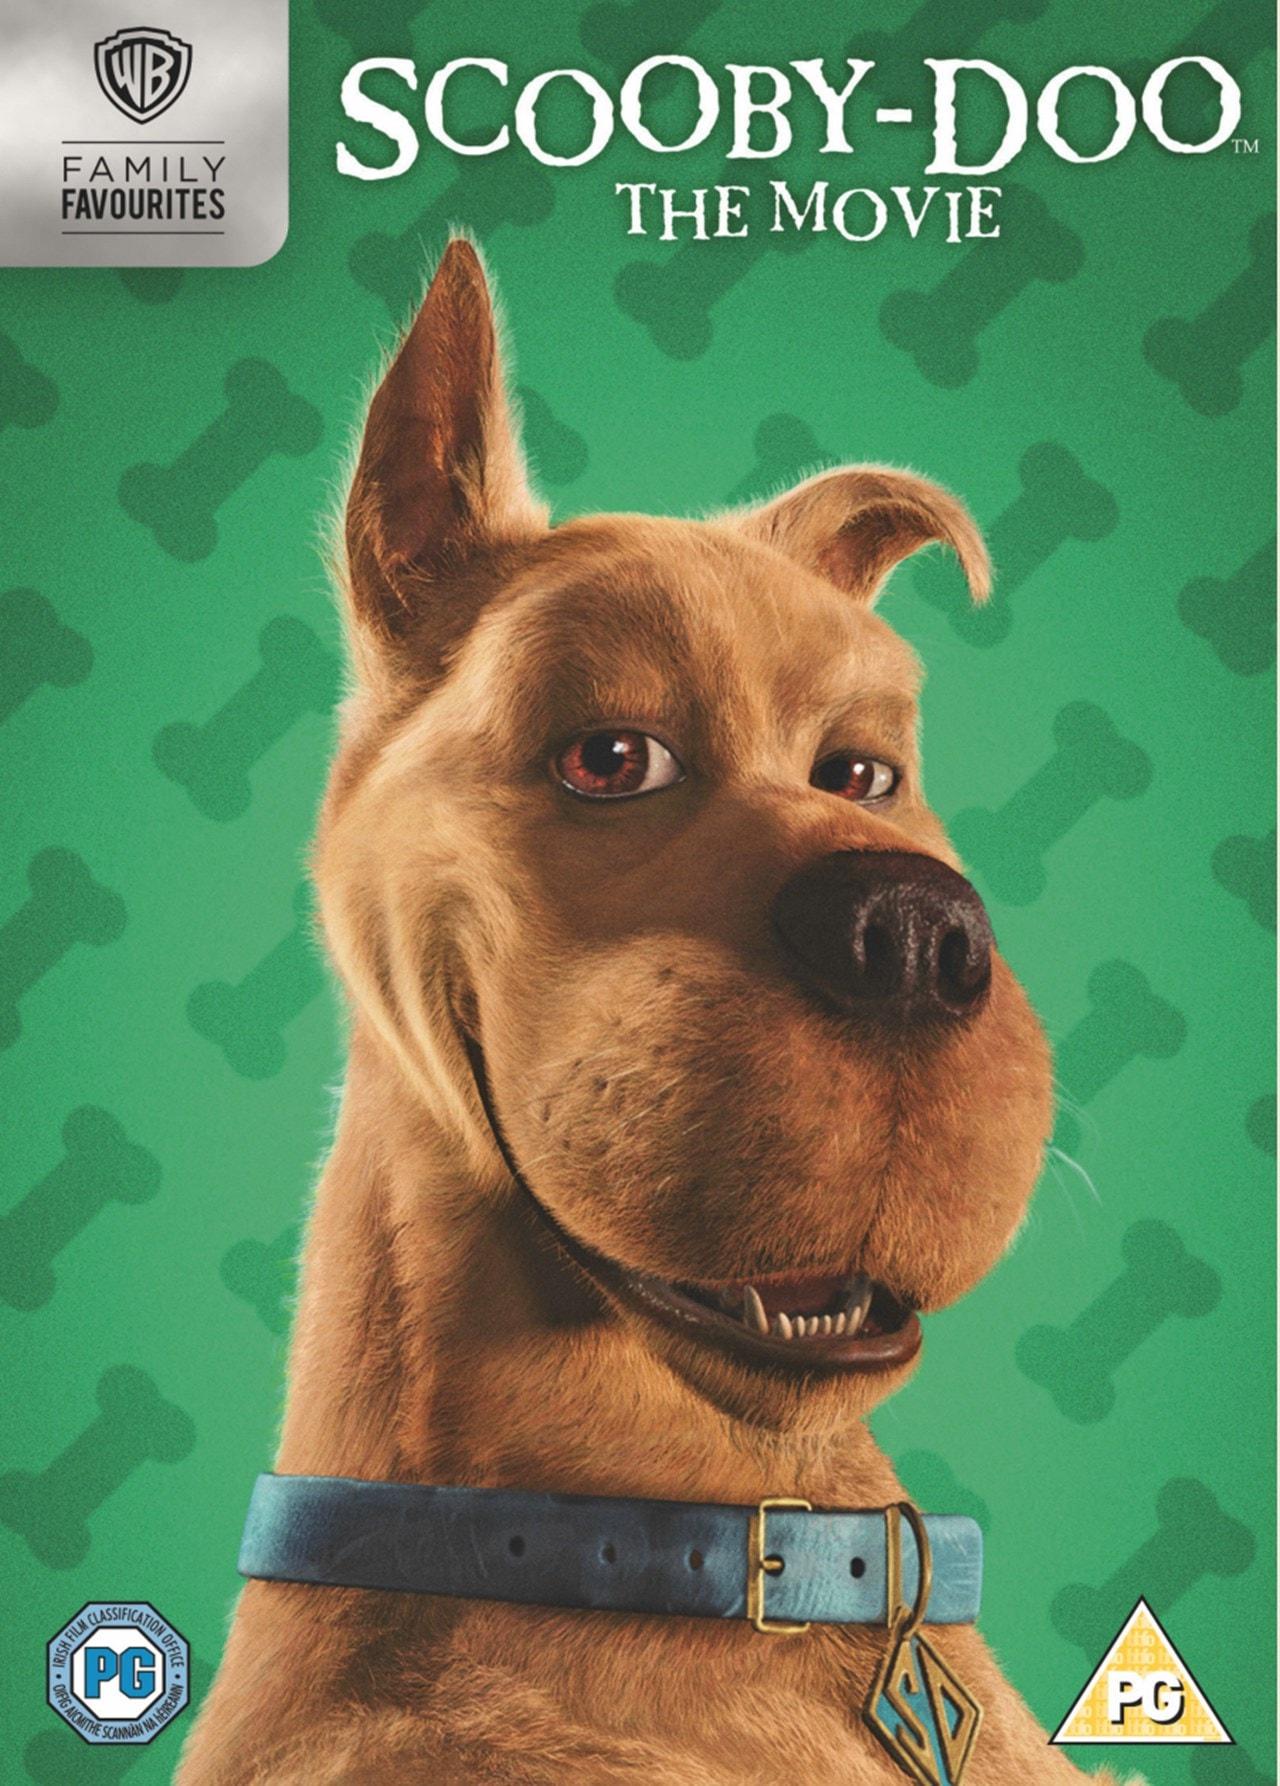 Scooby-Doo - the Movie - 1